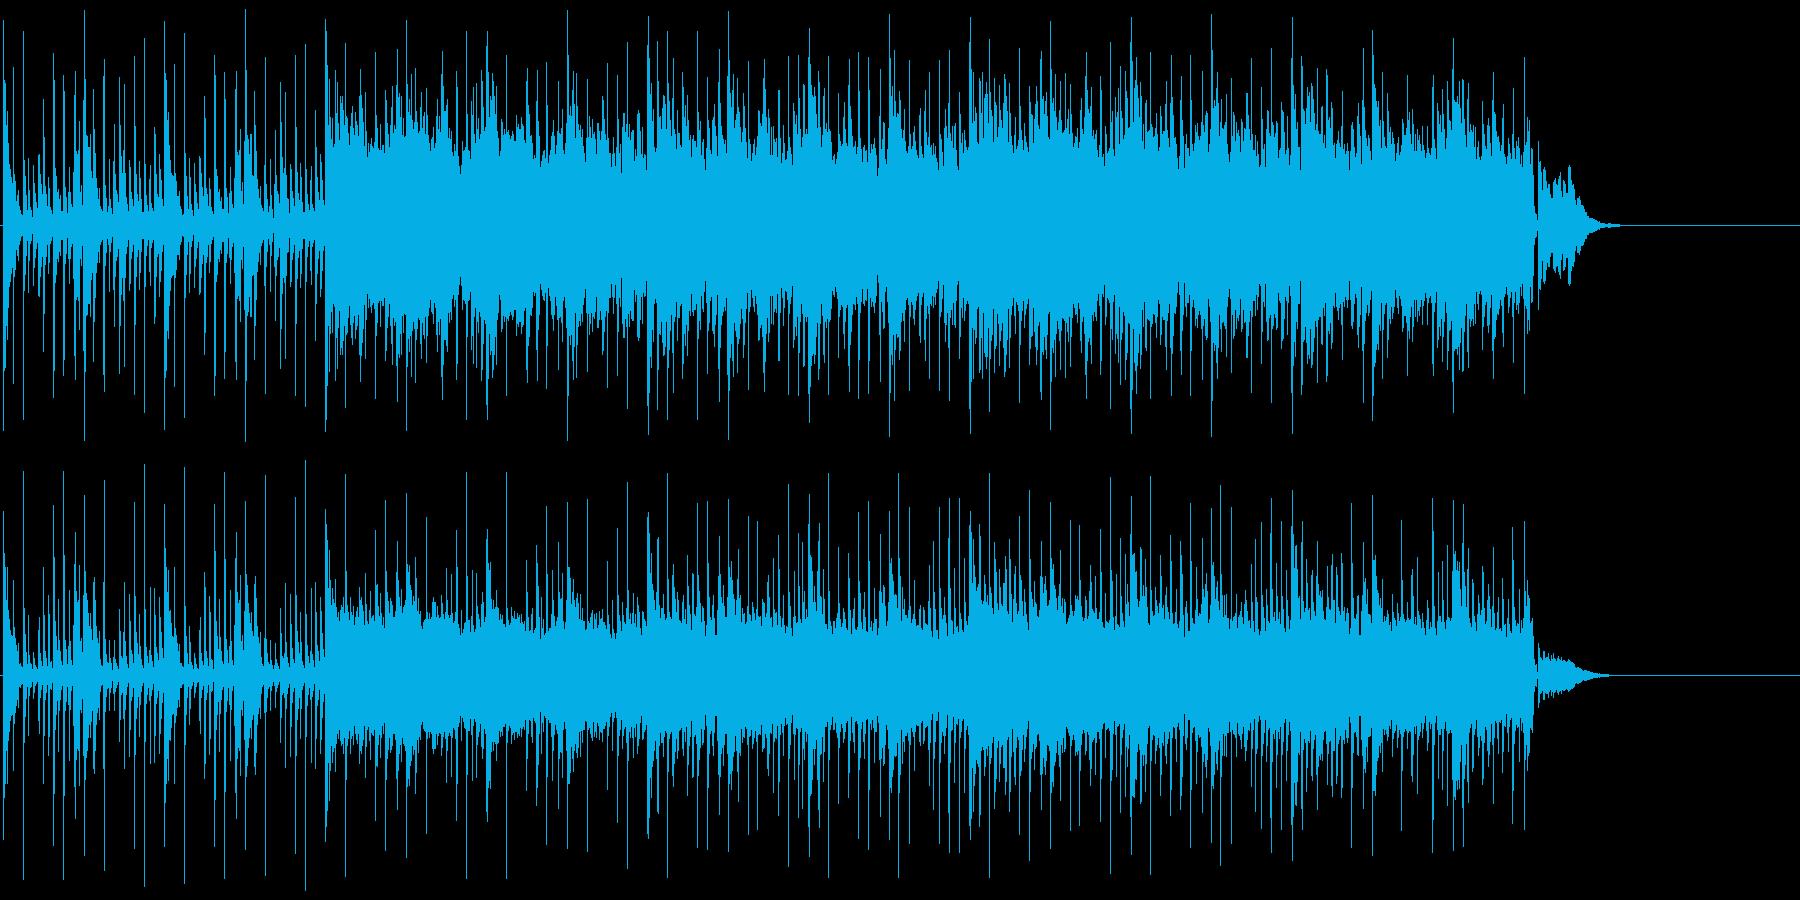 オープニング 不思議 謎 探検 幻想の再生済みの波形